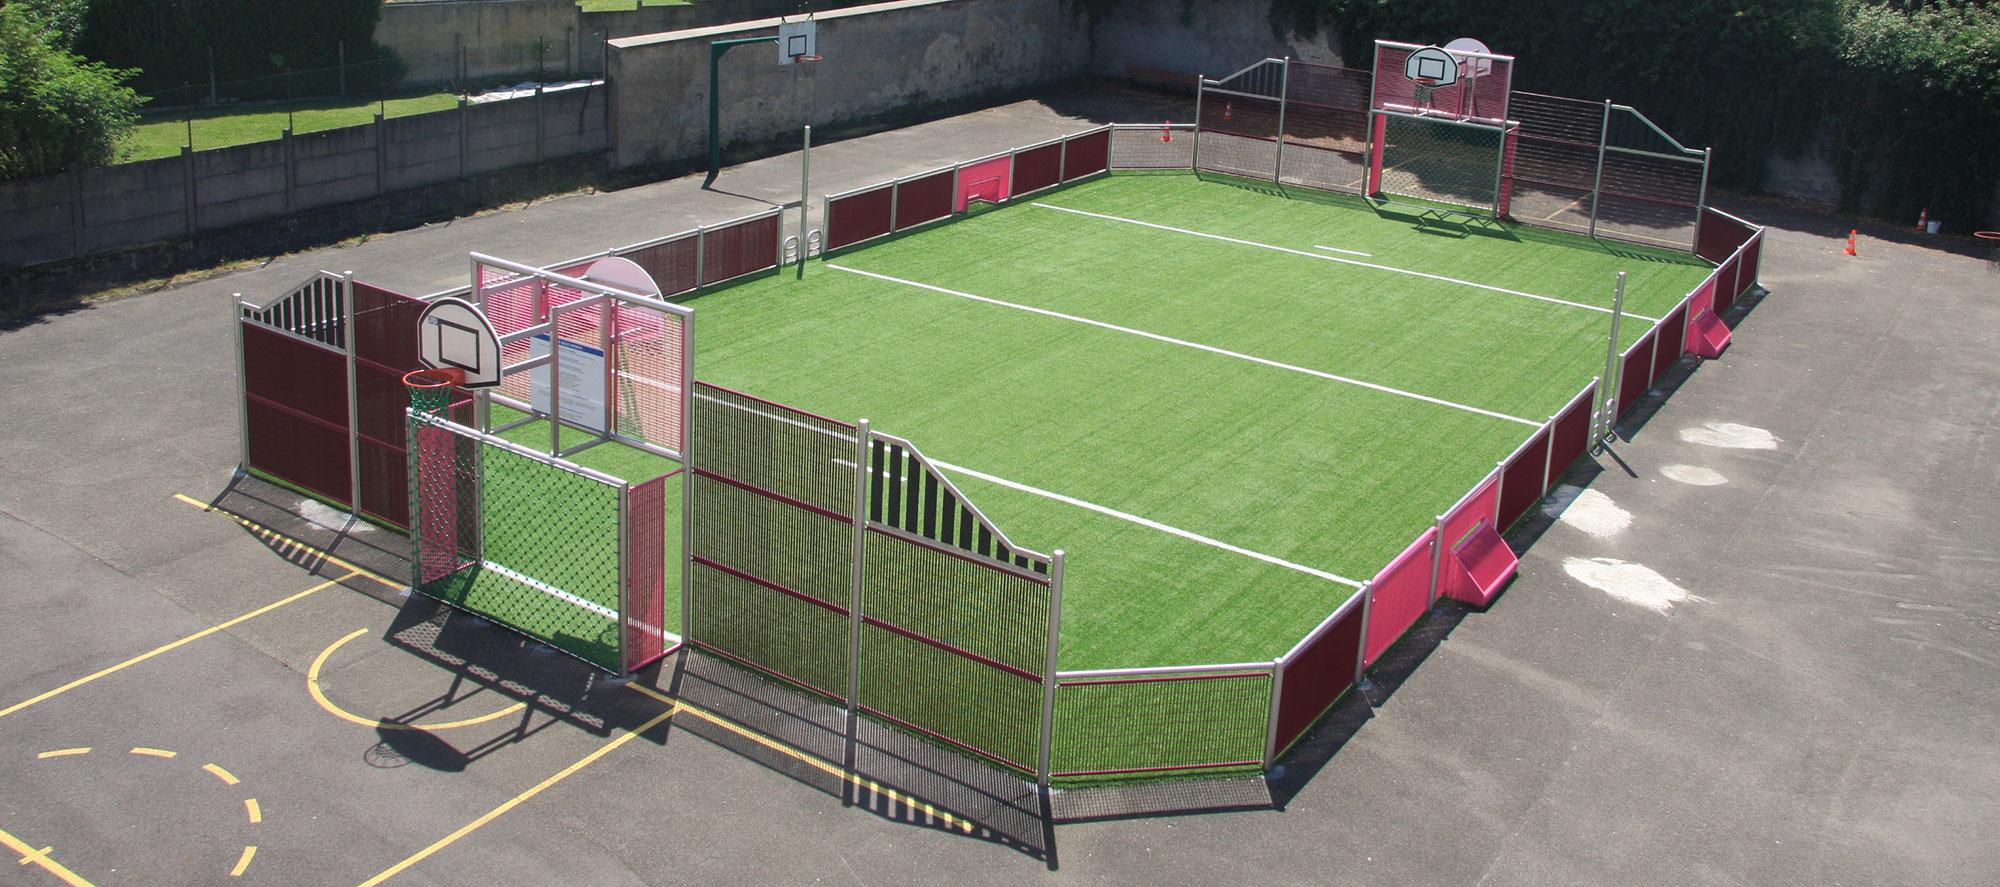 La norme NF EN 15312 sur les terrains multisports en détail